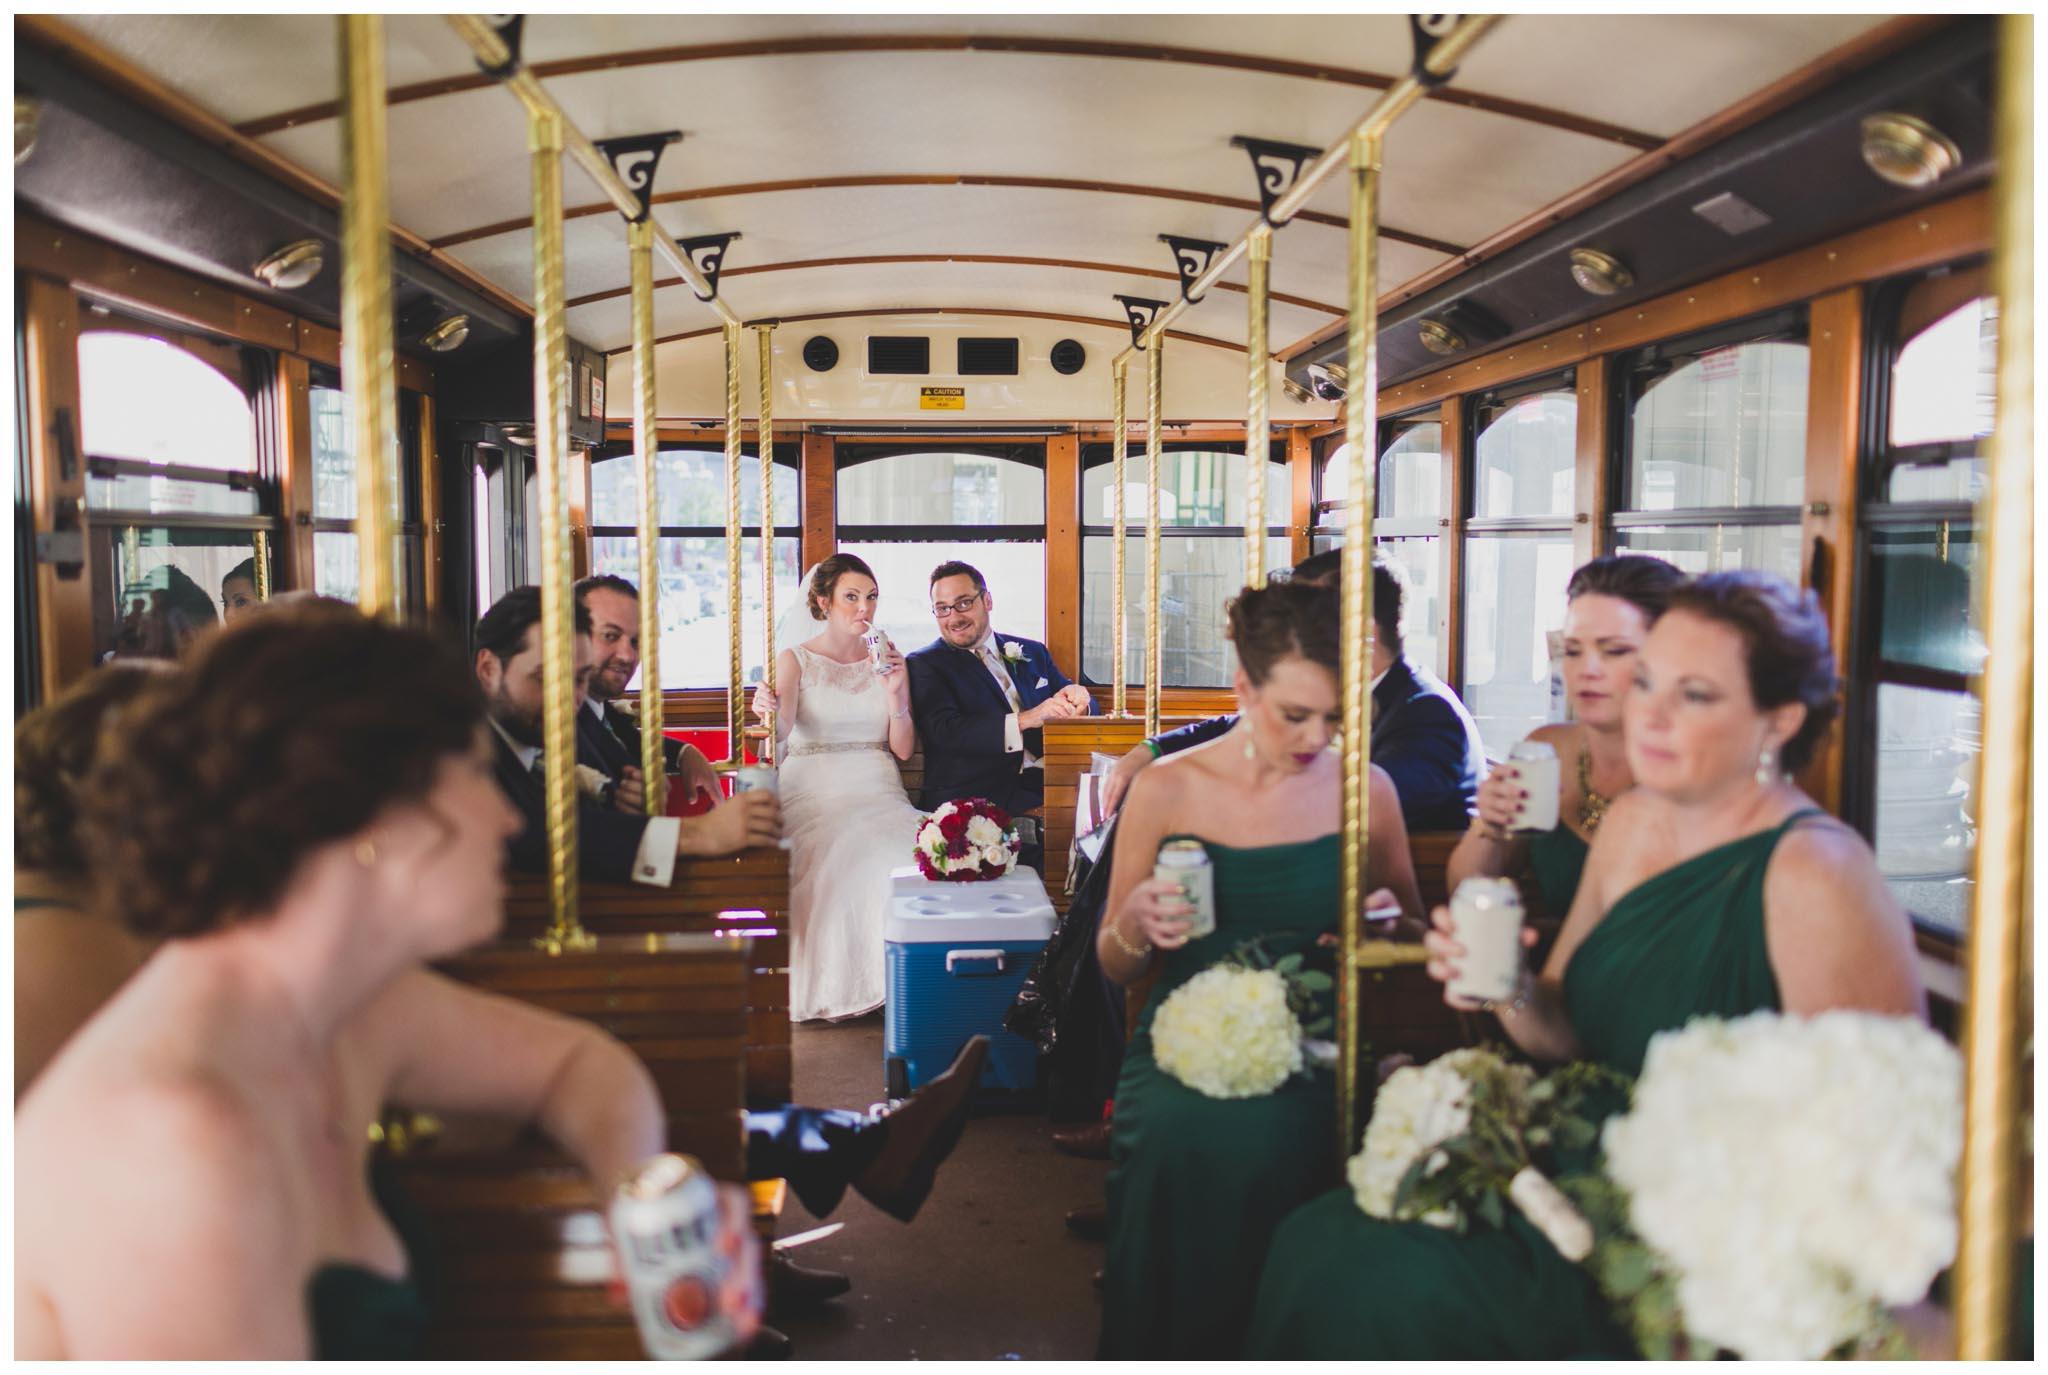 trolley, wedding, Philadelphia, bridal party